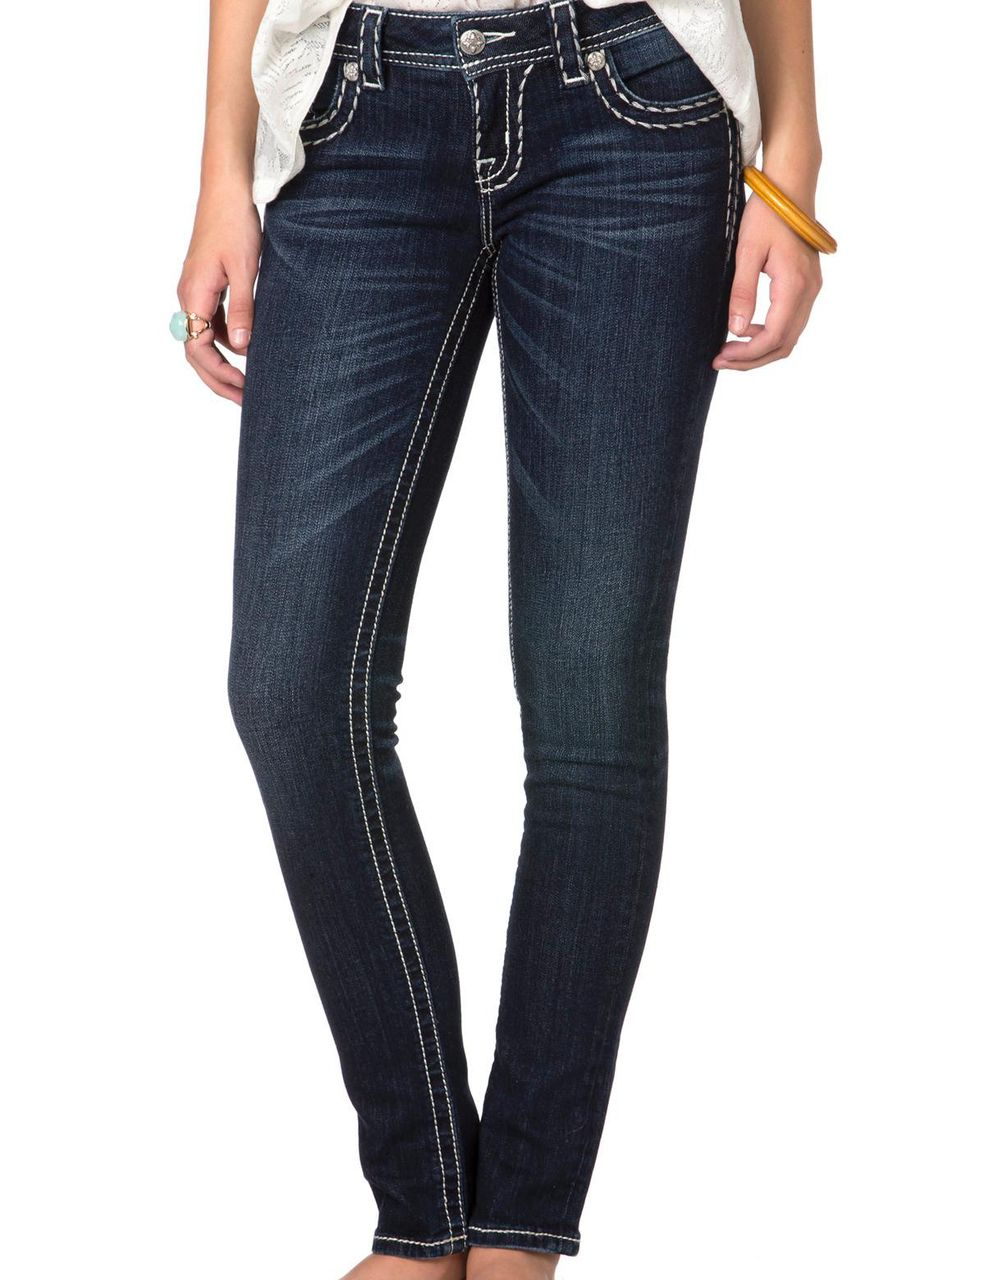 0fc1879ffd Miss Me DK RN Metallic Stitch Dark Skinny Jeans - Kimboze